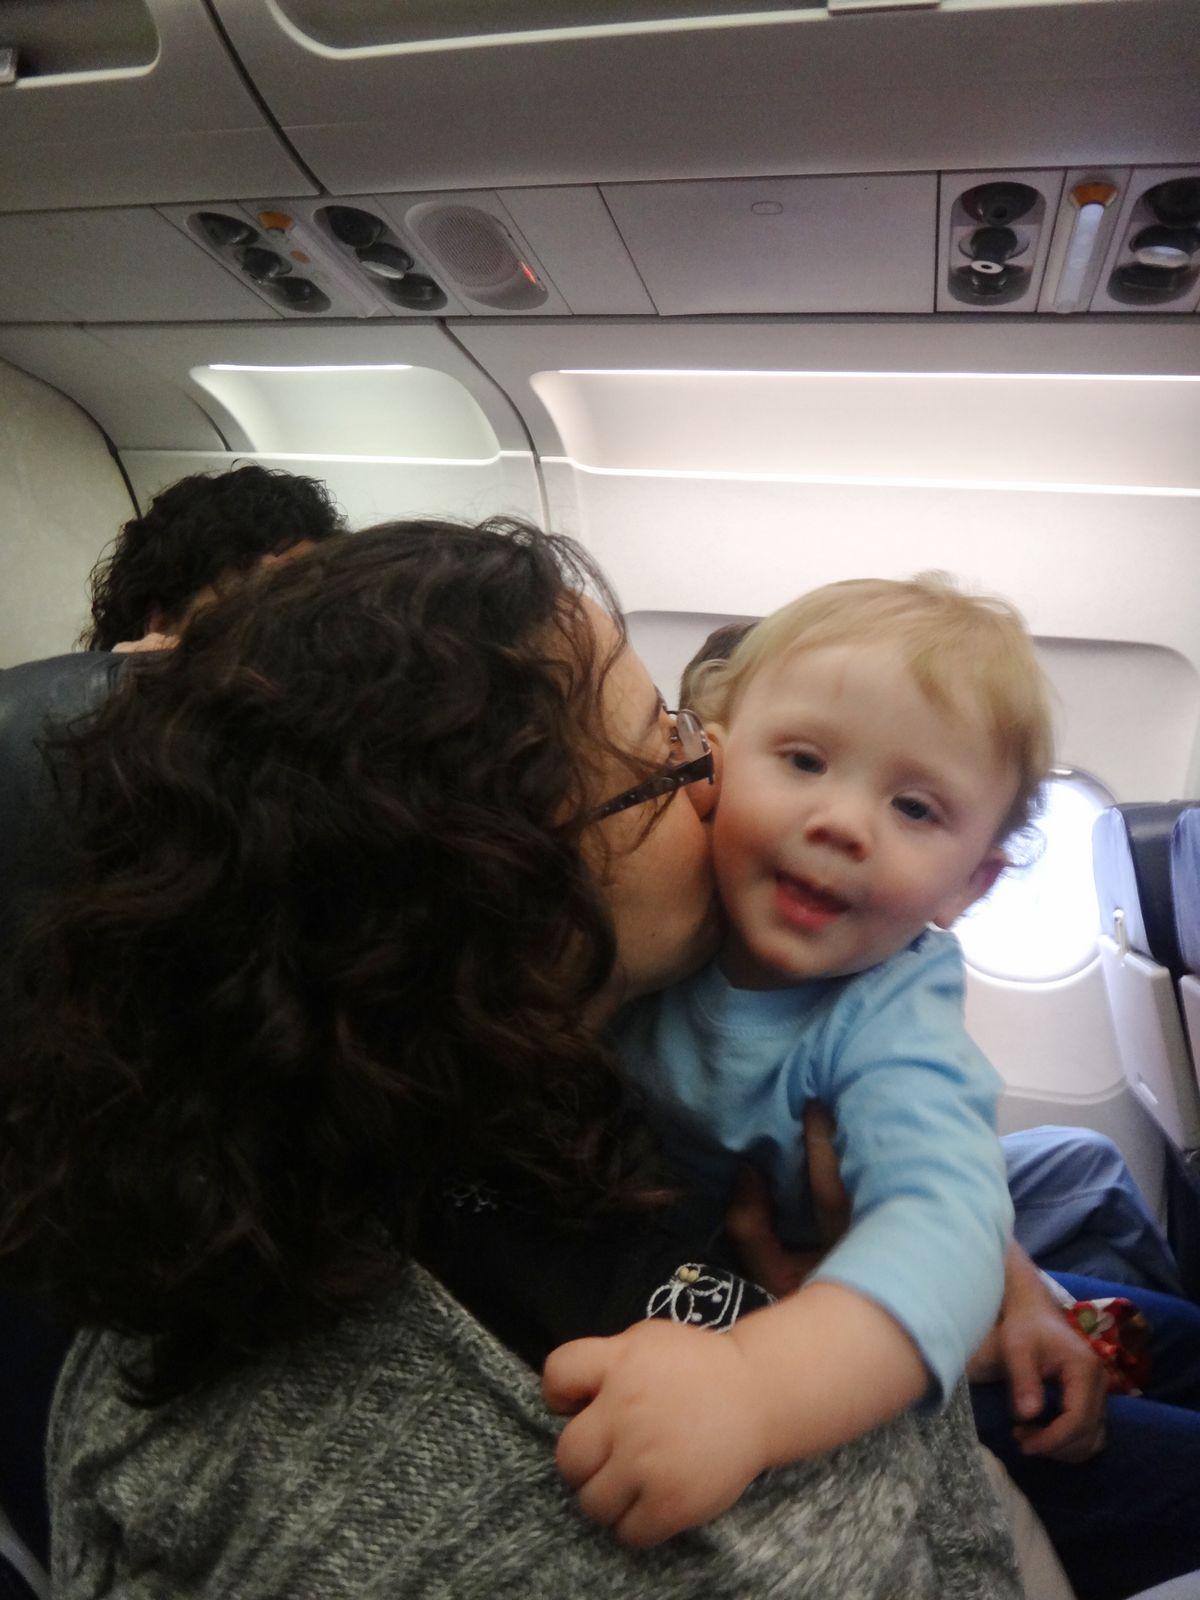 飞机上也有美国的小帅哥给我暗送秋波呢,本人还是挺惹外国小帅哥的哈